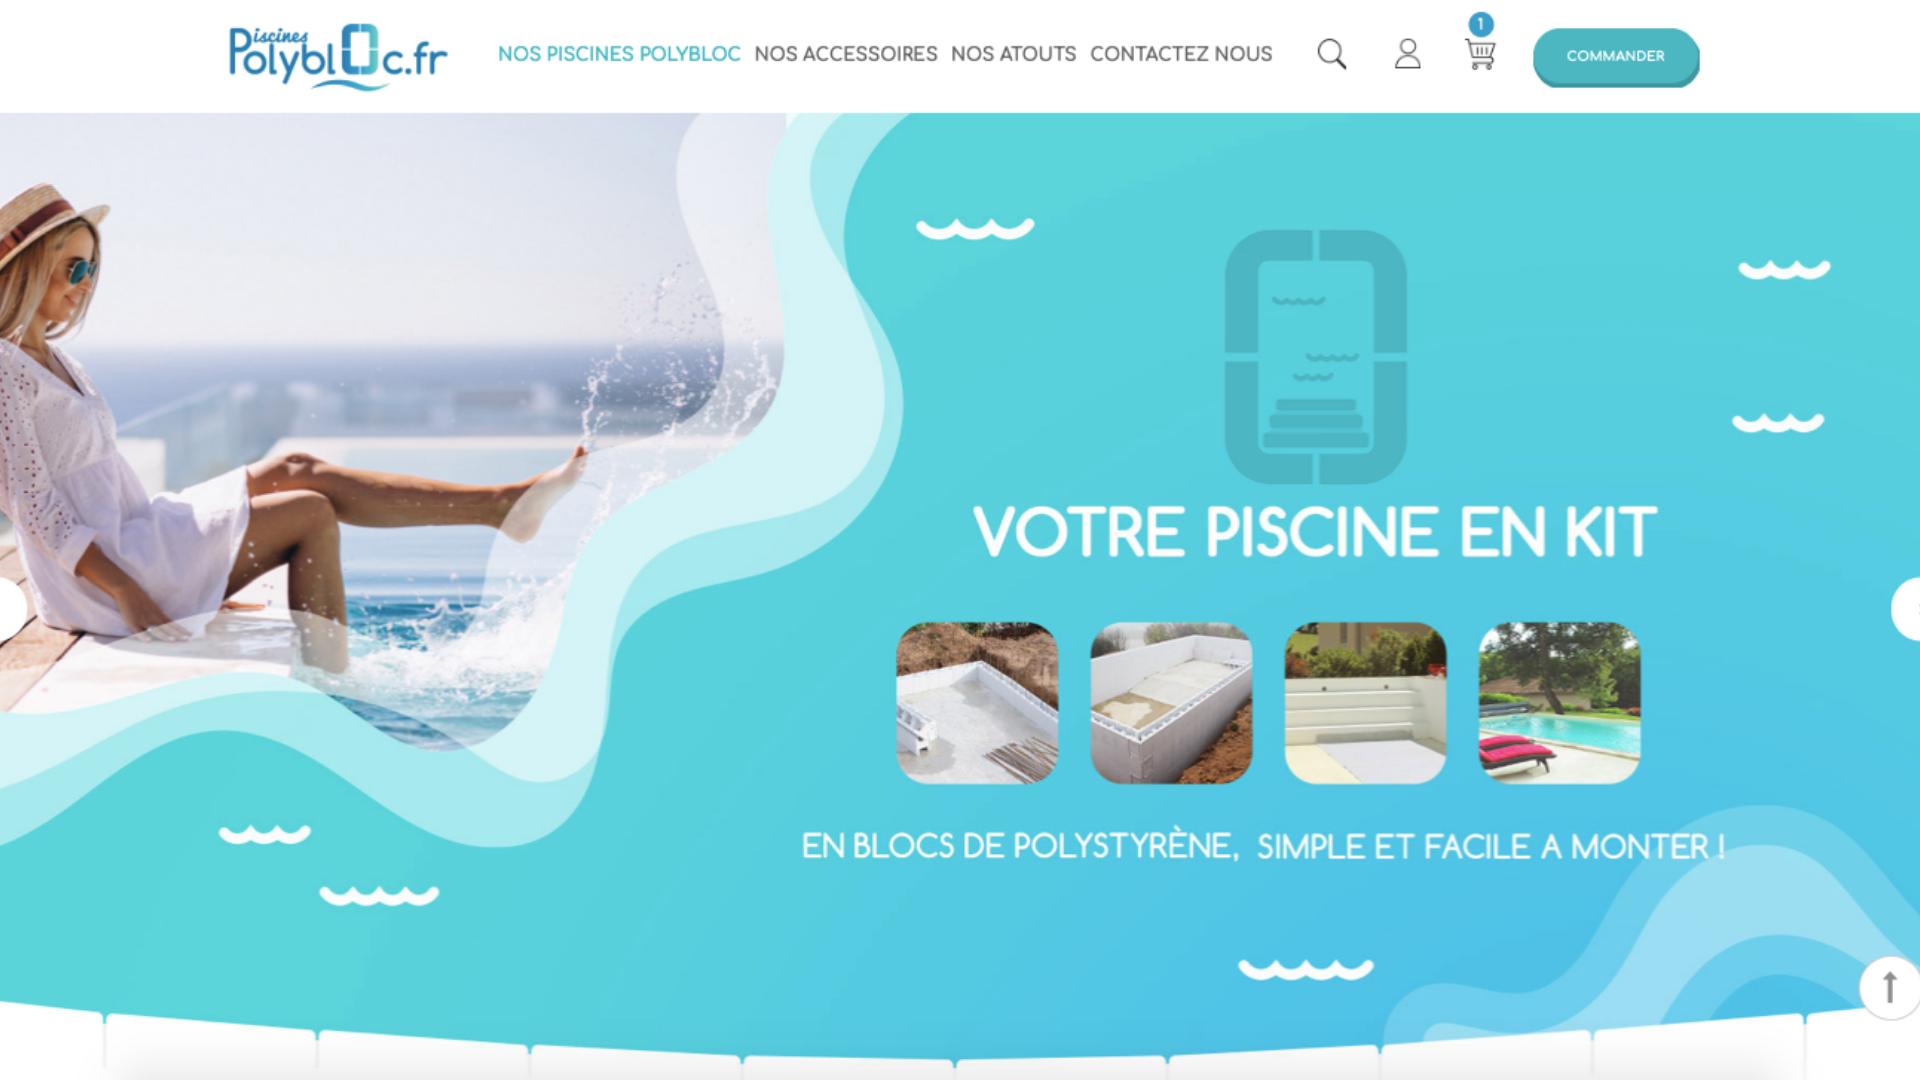 Réalisation du site web Piscines-Polybloc.fr